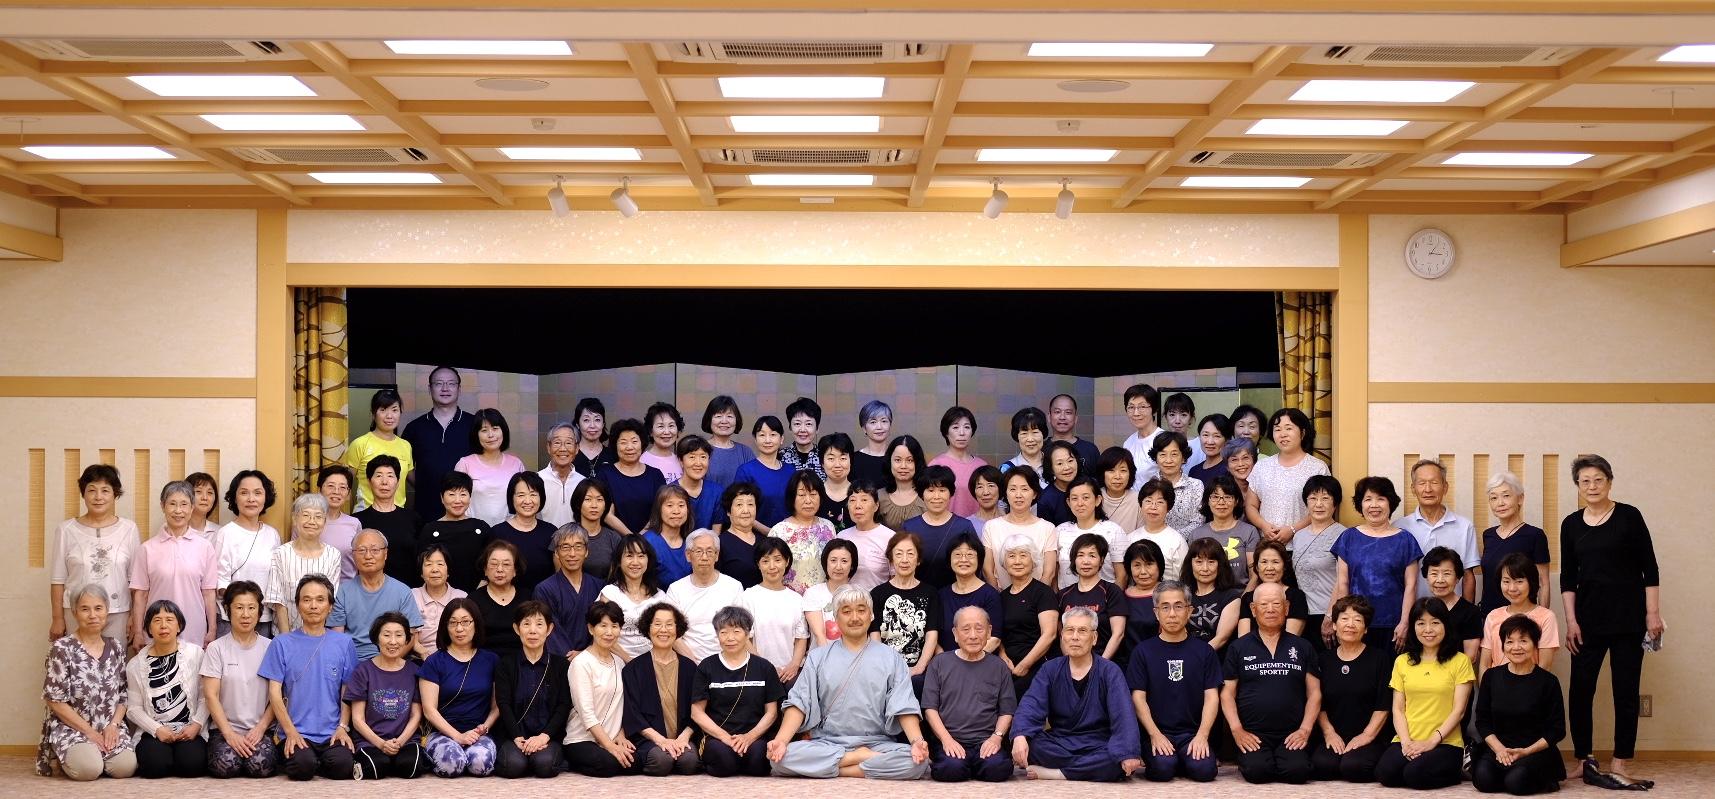 ご報告 | 純日本的ヨーガへのいざない -Invitation to pure Japanese Yoga-